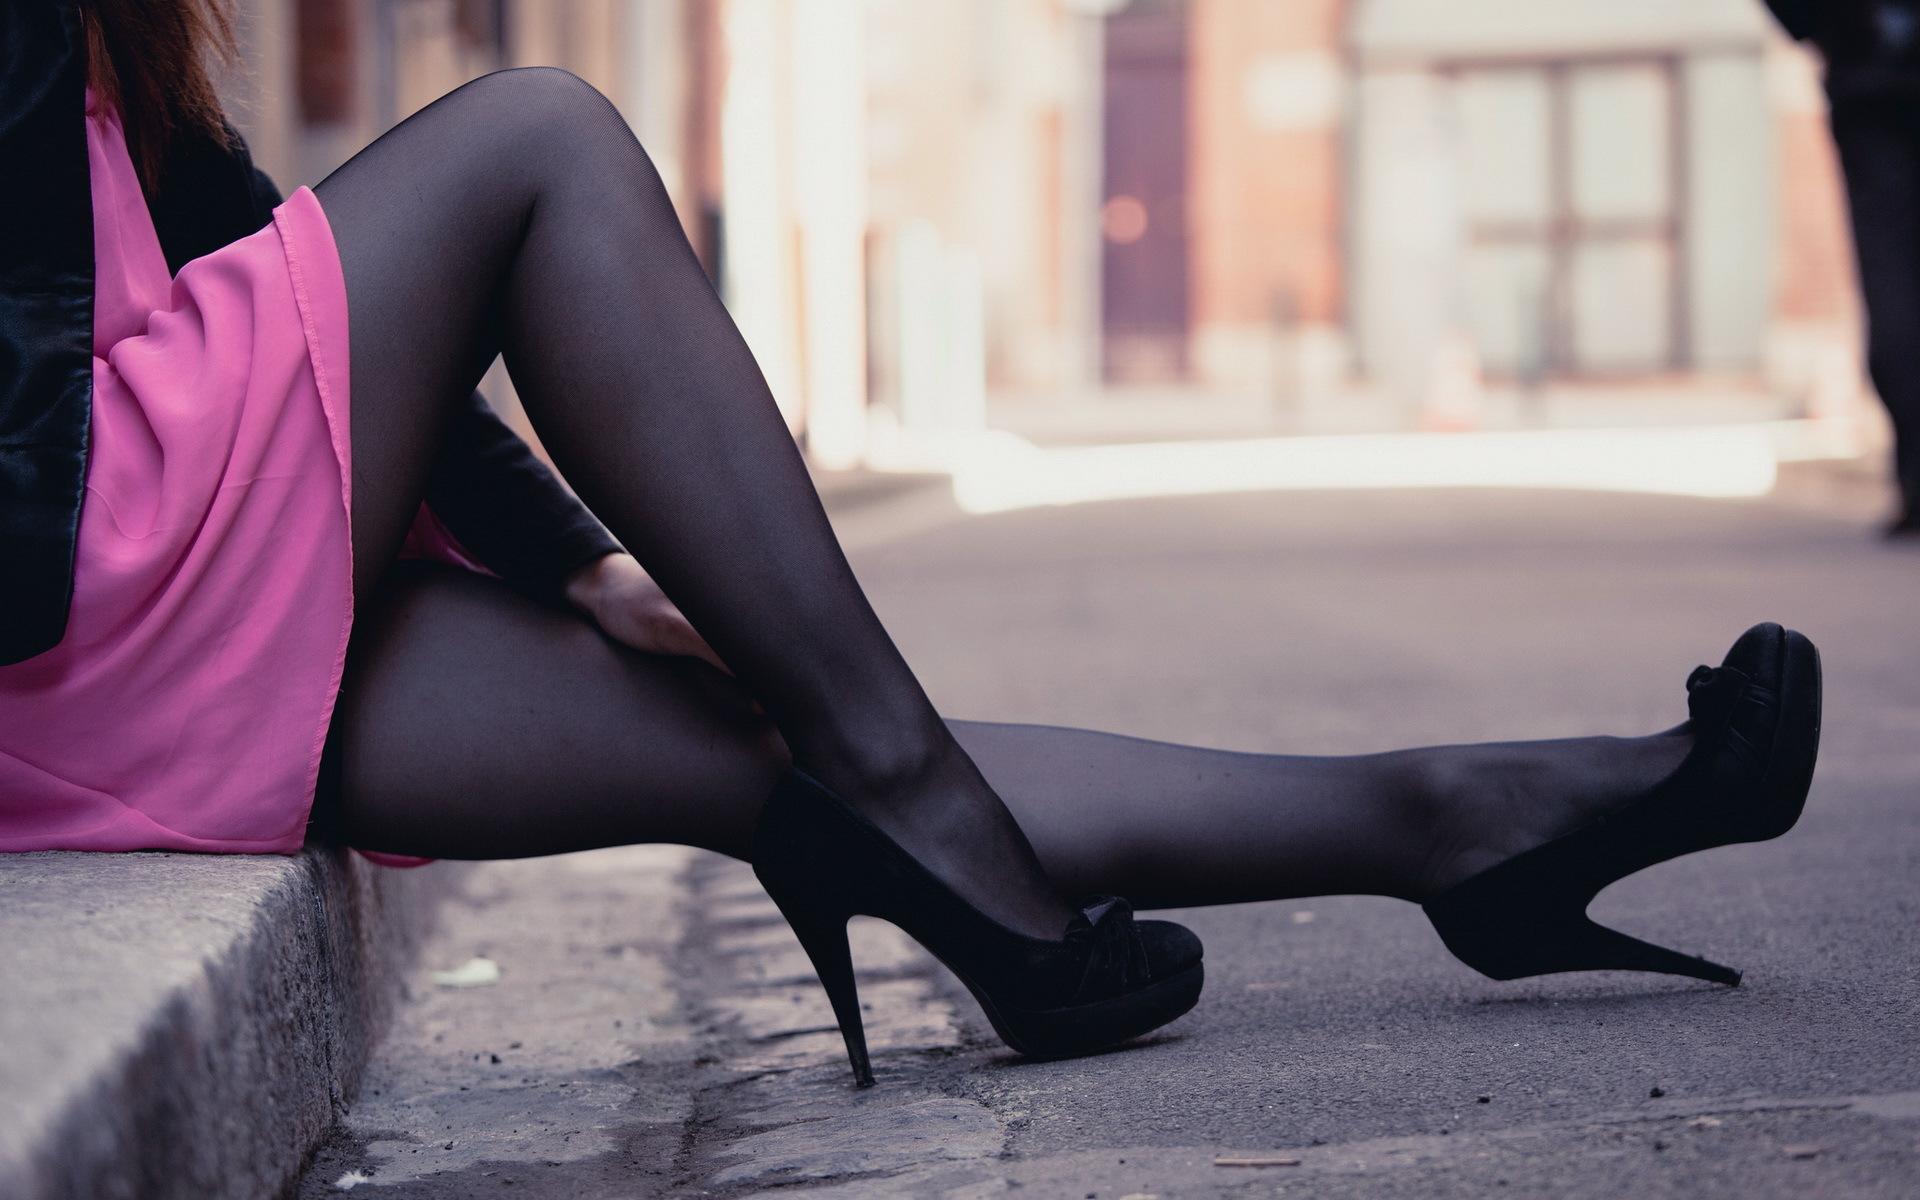 Девушки в колготках и туфлях @ m1bar.com